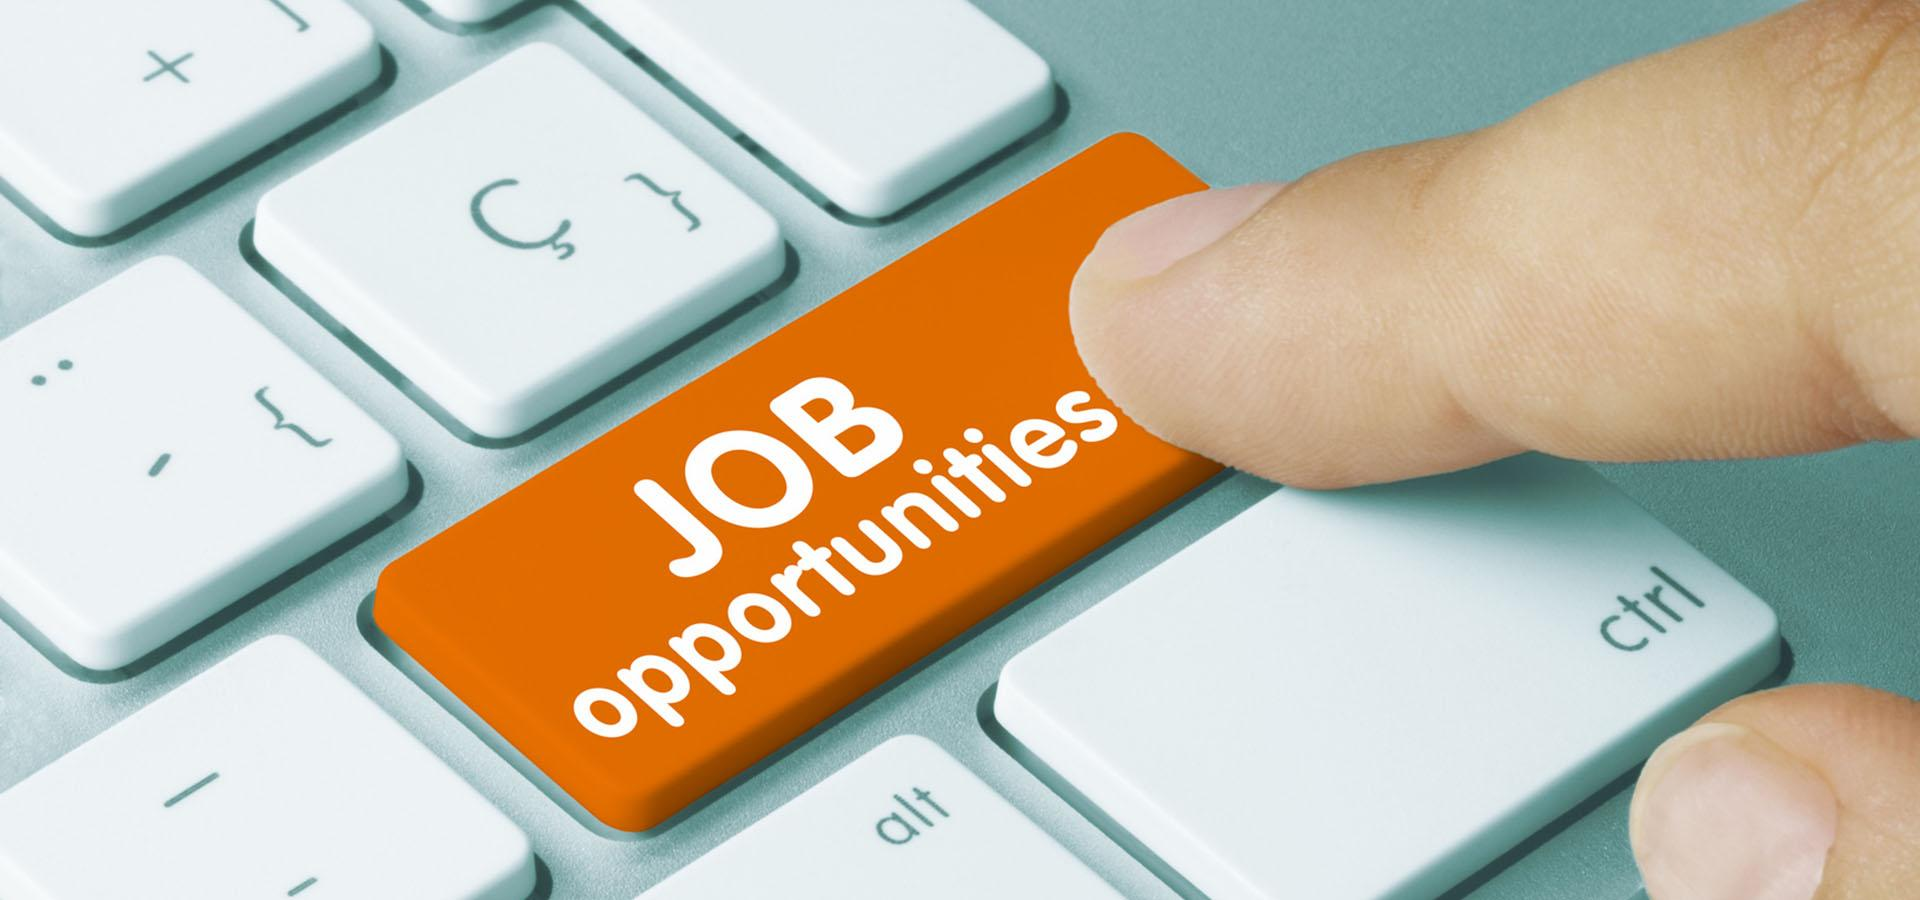 وظائف , - اعلن مجاناً في منصة وموقع عنكبوت للاعلانات المجانية المبوبة|photos/2018/03/slider1-jobs.jpg